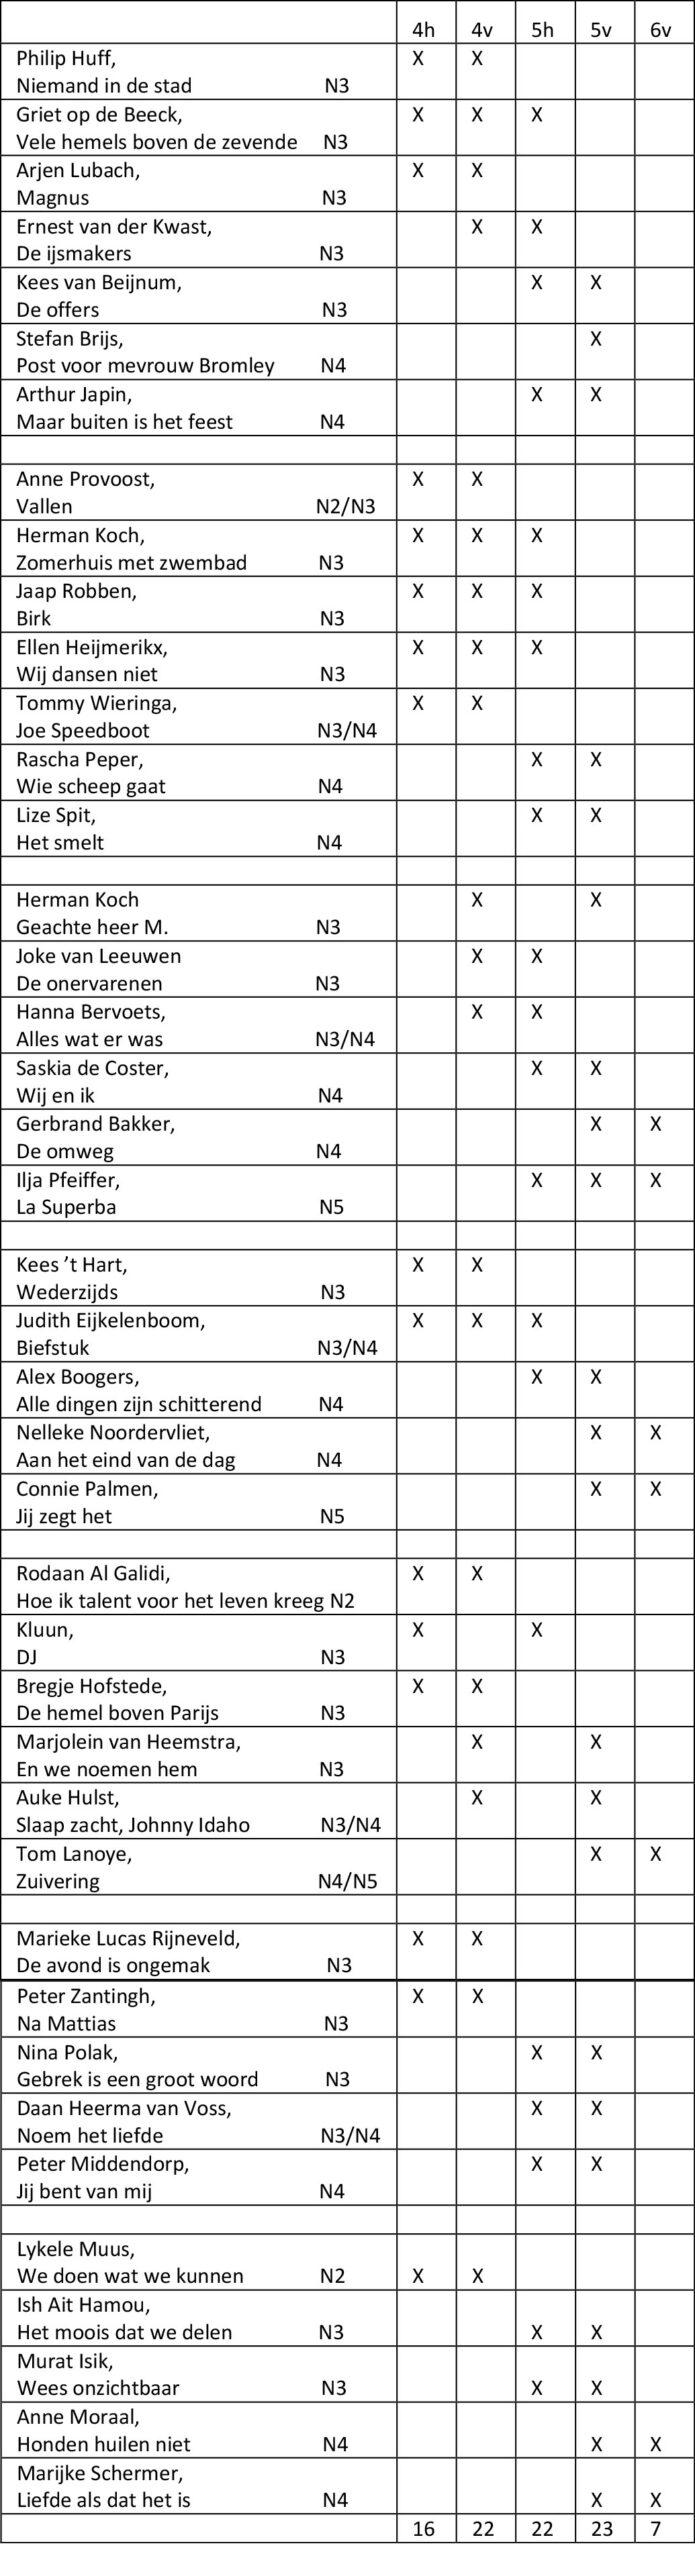 https://pratenoverromanfragmenten.nl/wp-content/uploads/2020/10/Schema-41-gebruikte-boeken-per-leerjaar-augustus-2020-1-scaled.jpg